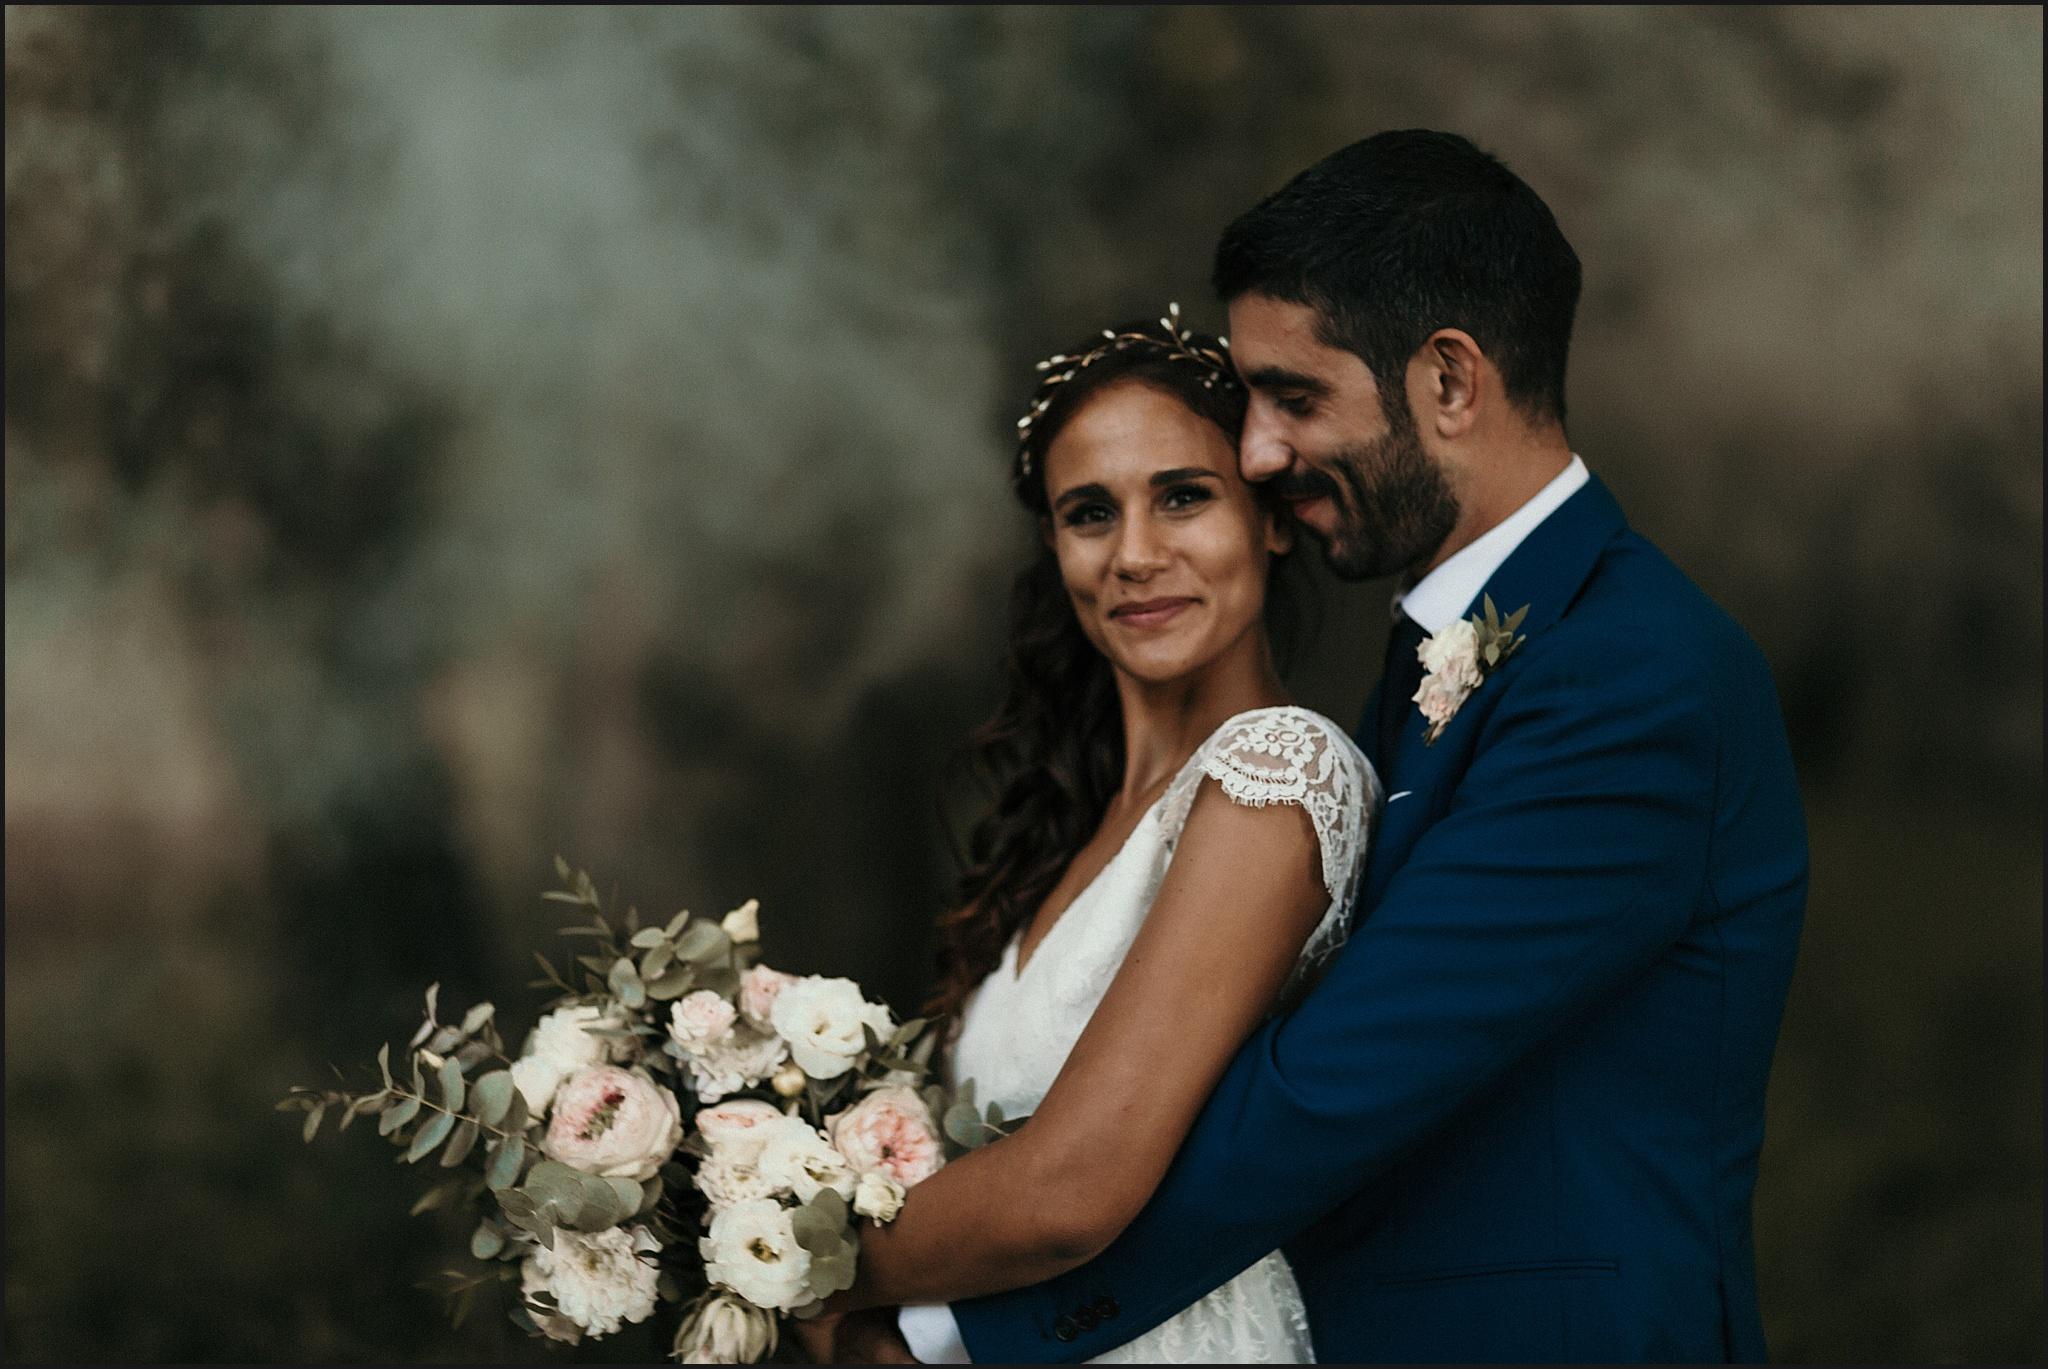 Mariage Vintage à Verderonne photo de couple avec fumigènes